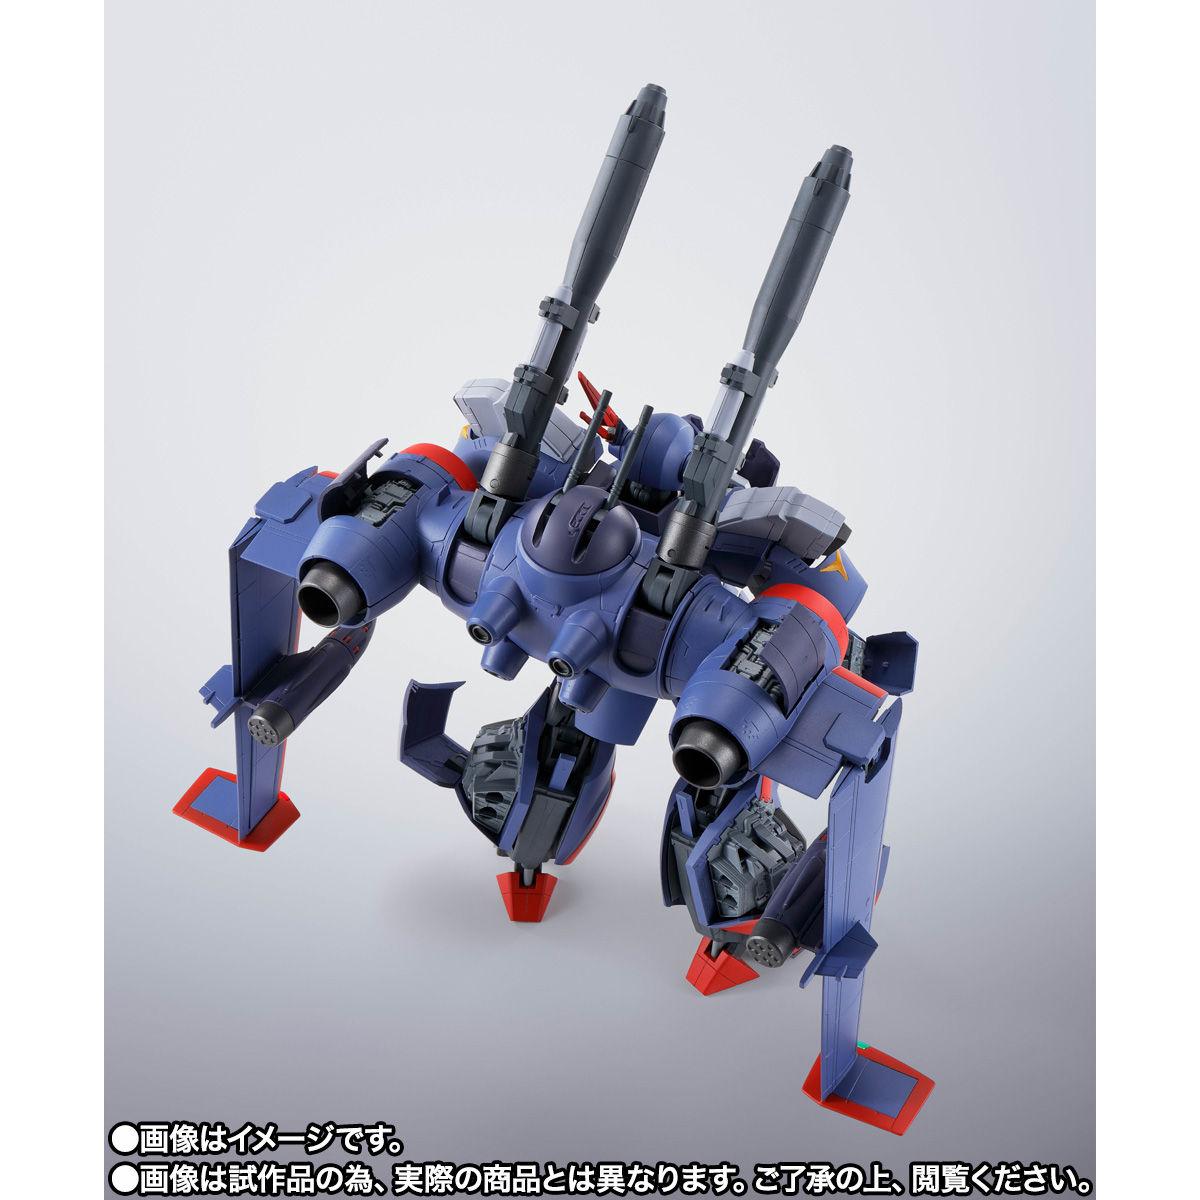 【限定販売】HI-METAL R『ドラグナー2カスタム』機甲戦記ドラグナー 可動フィギュア-004